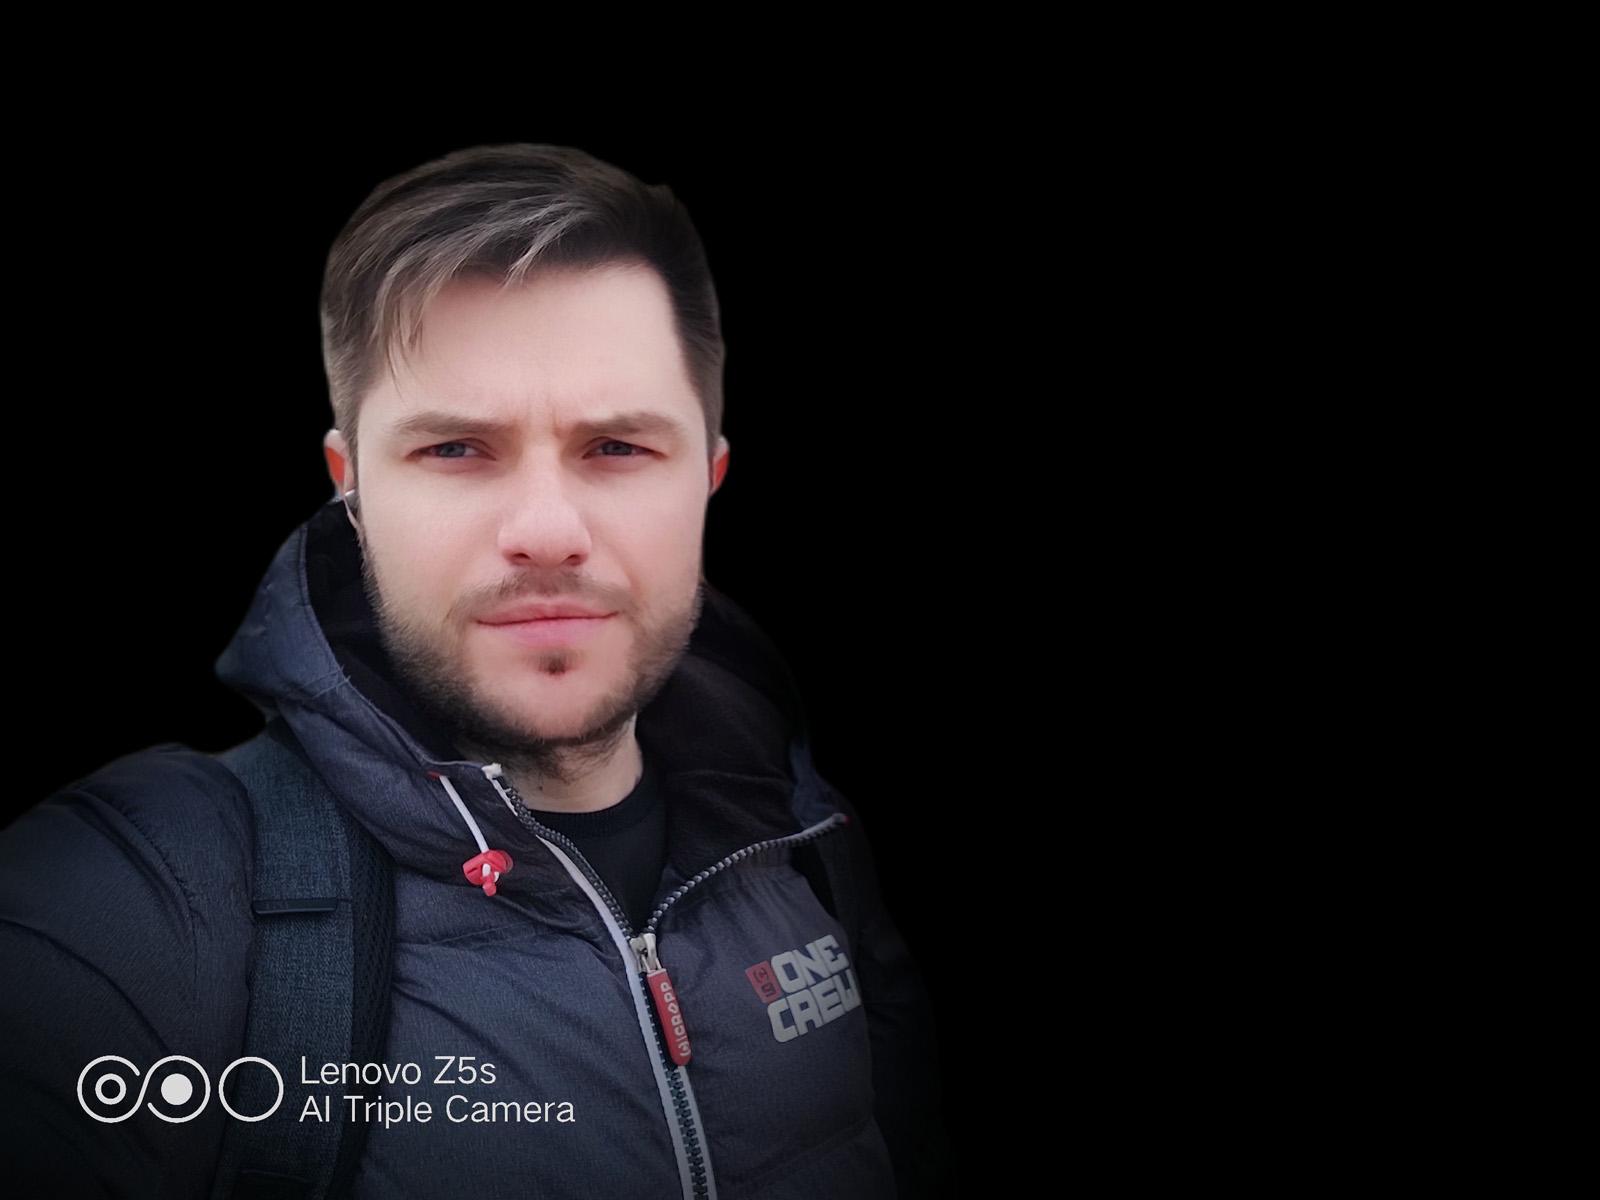 Эффект студийный свет камеры Lenovo Z5s